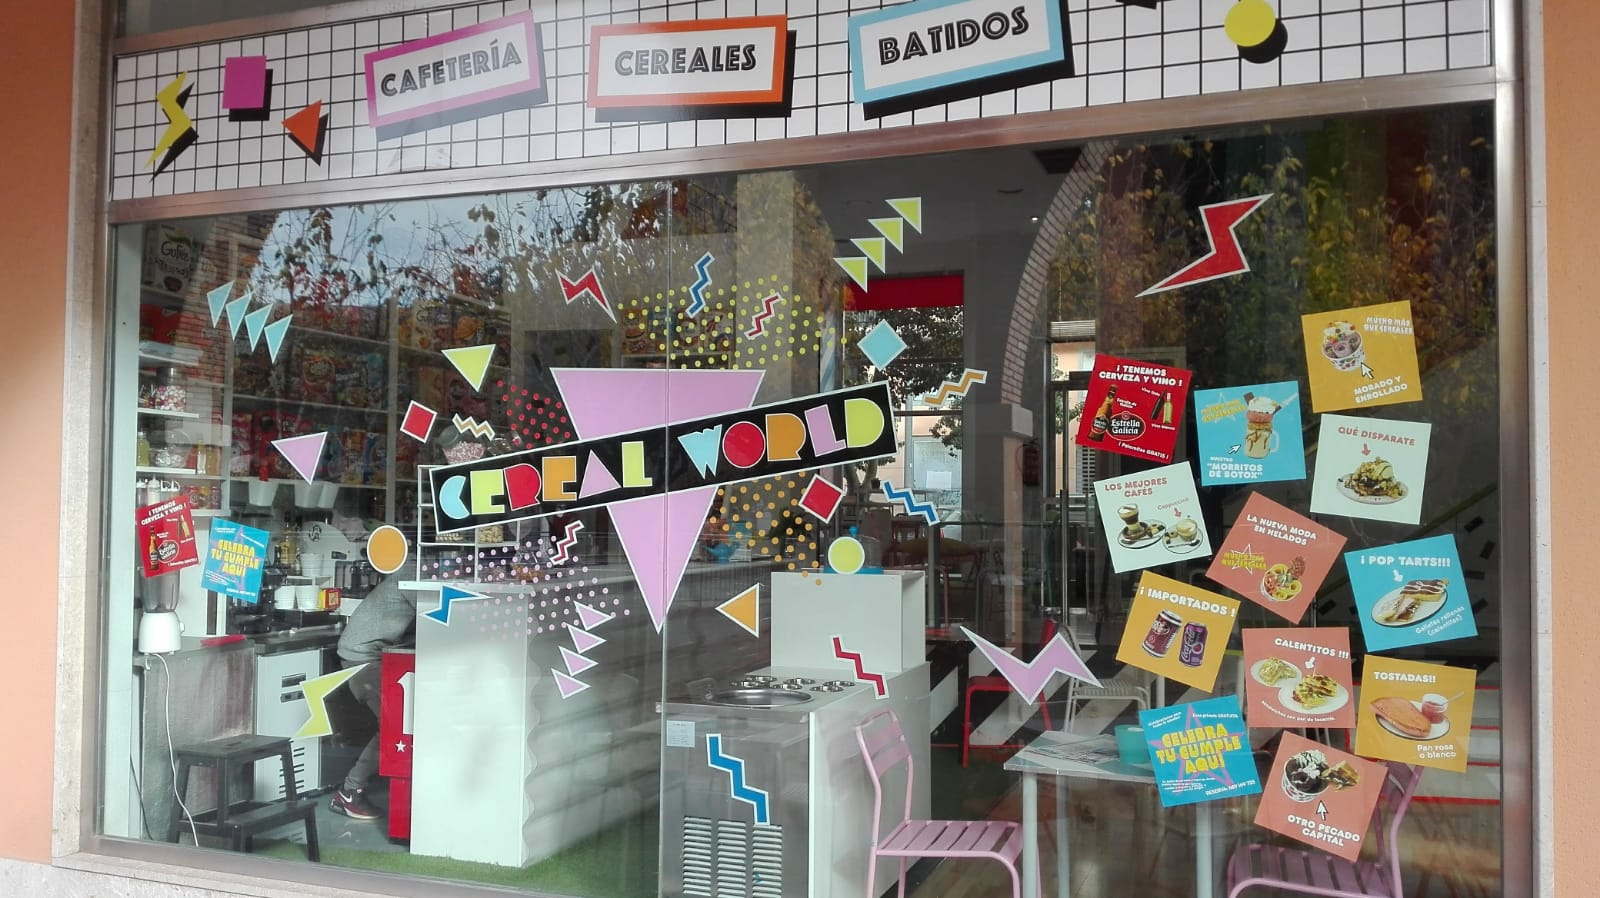 Anuncios de productos en una gran ventana de cafetería en cartagena